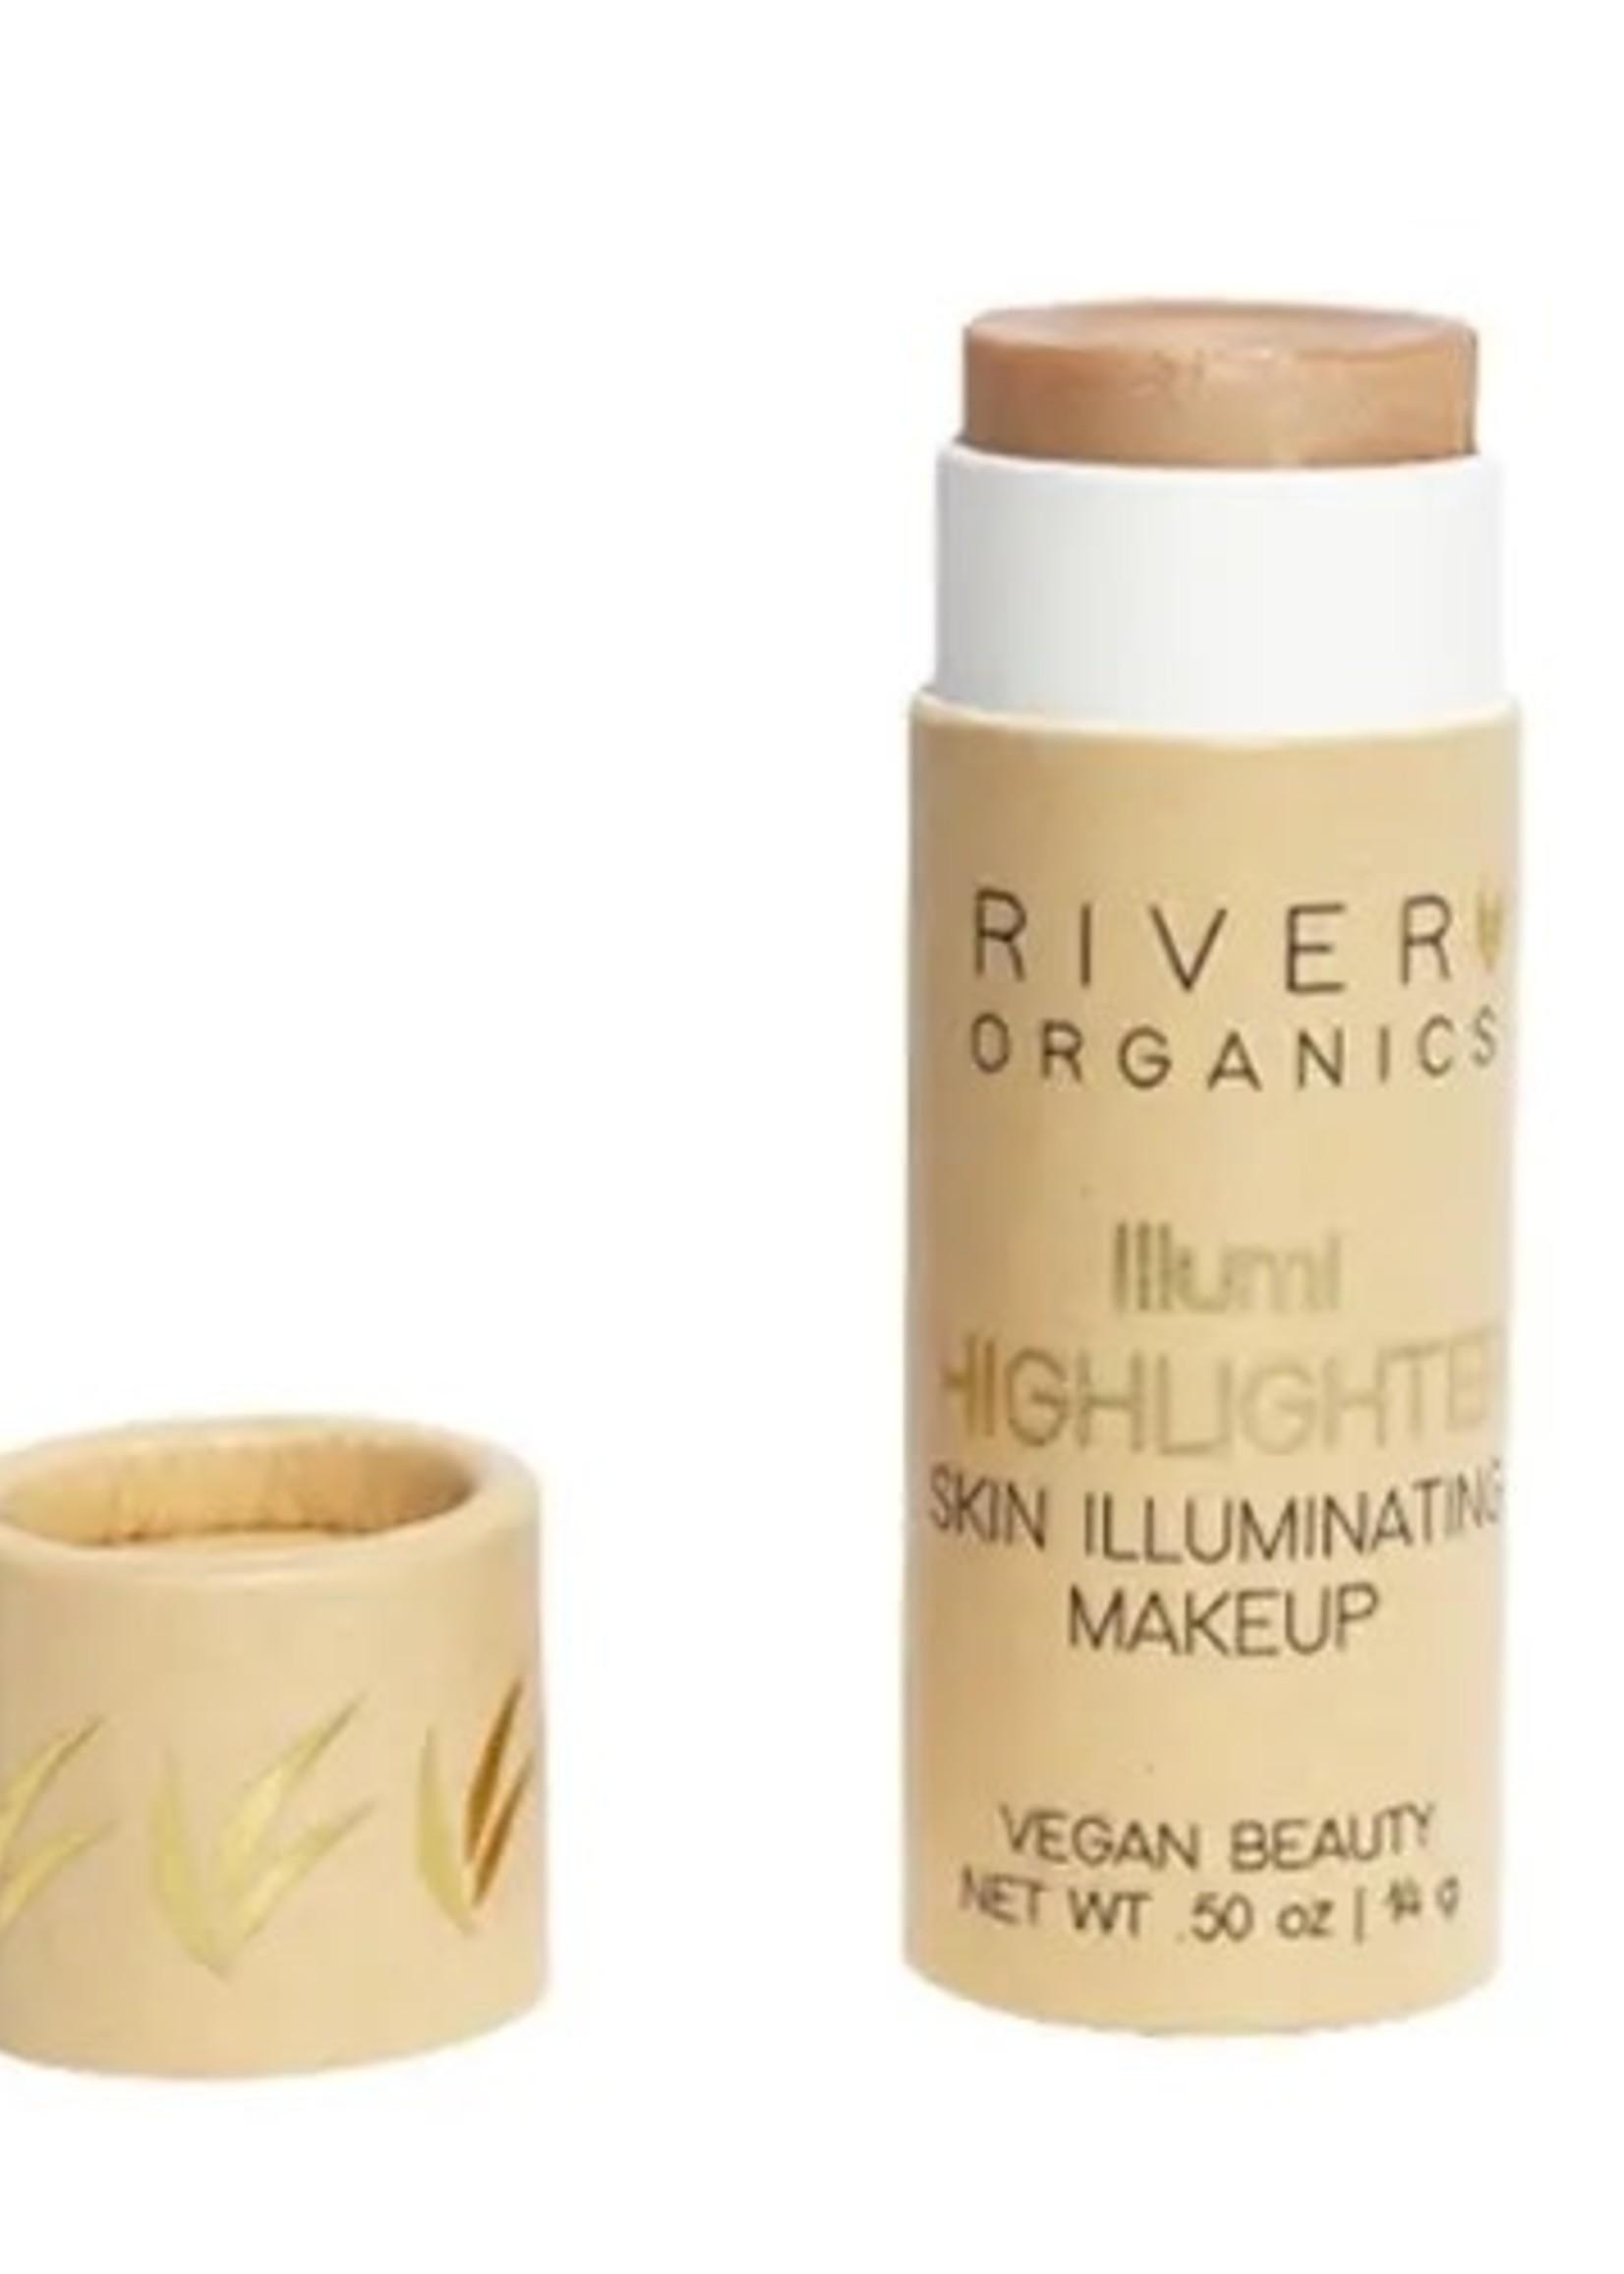 River Organics Illumi Highlighter